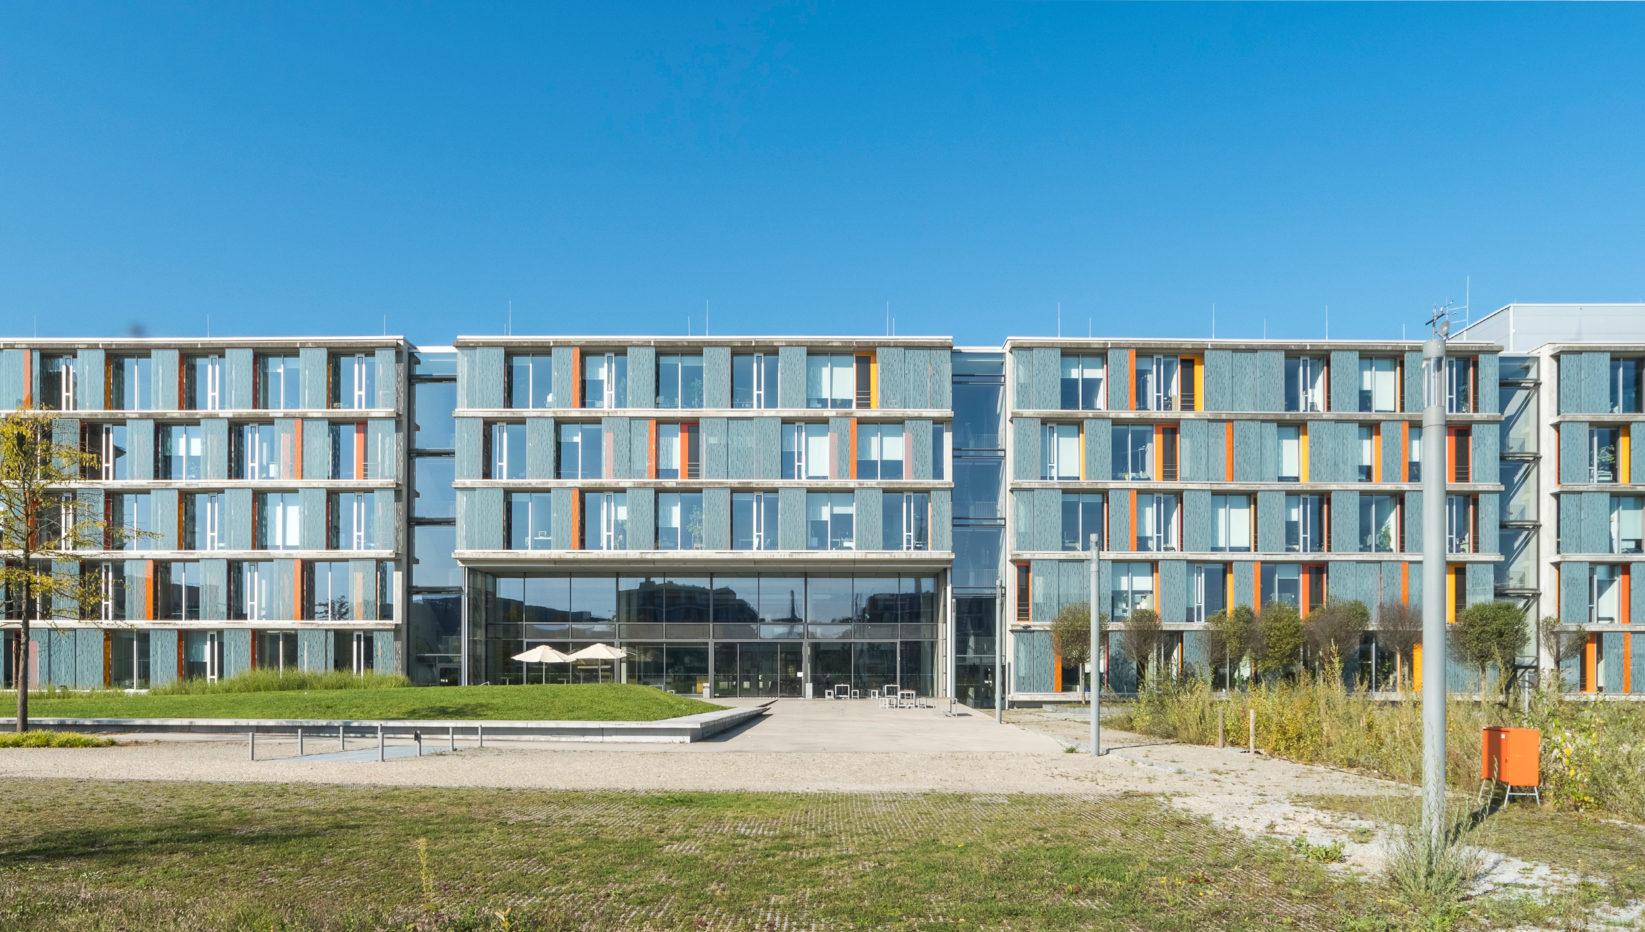 Darstellung des fünfstöckigen Münchner Technologiezentrums in der Frontalansicht. Zu sehen sind mehre Gebäude aus Sichtbeton mit verglaster Fensterfront.